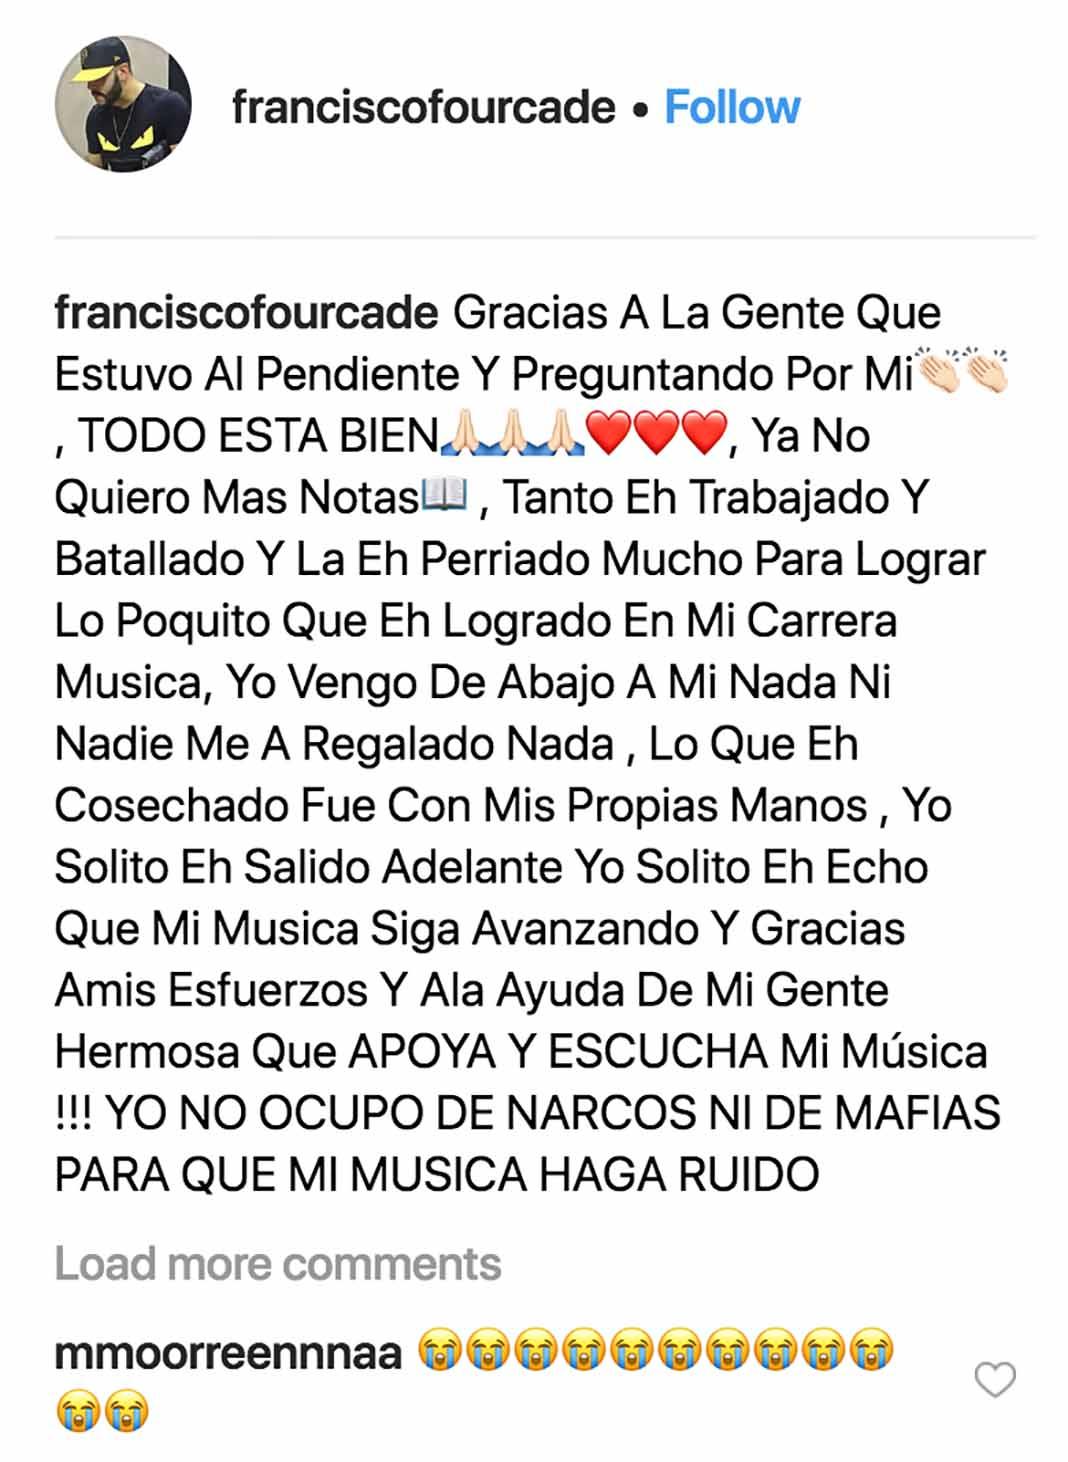 El cantante tenía sólo 24 años de edad y era originario de Guaymas, Sonora